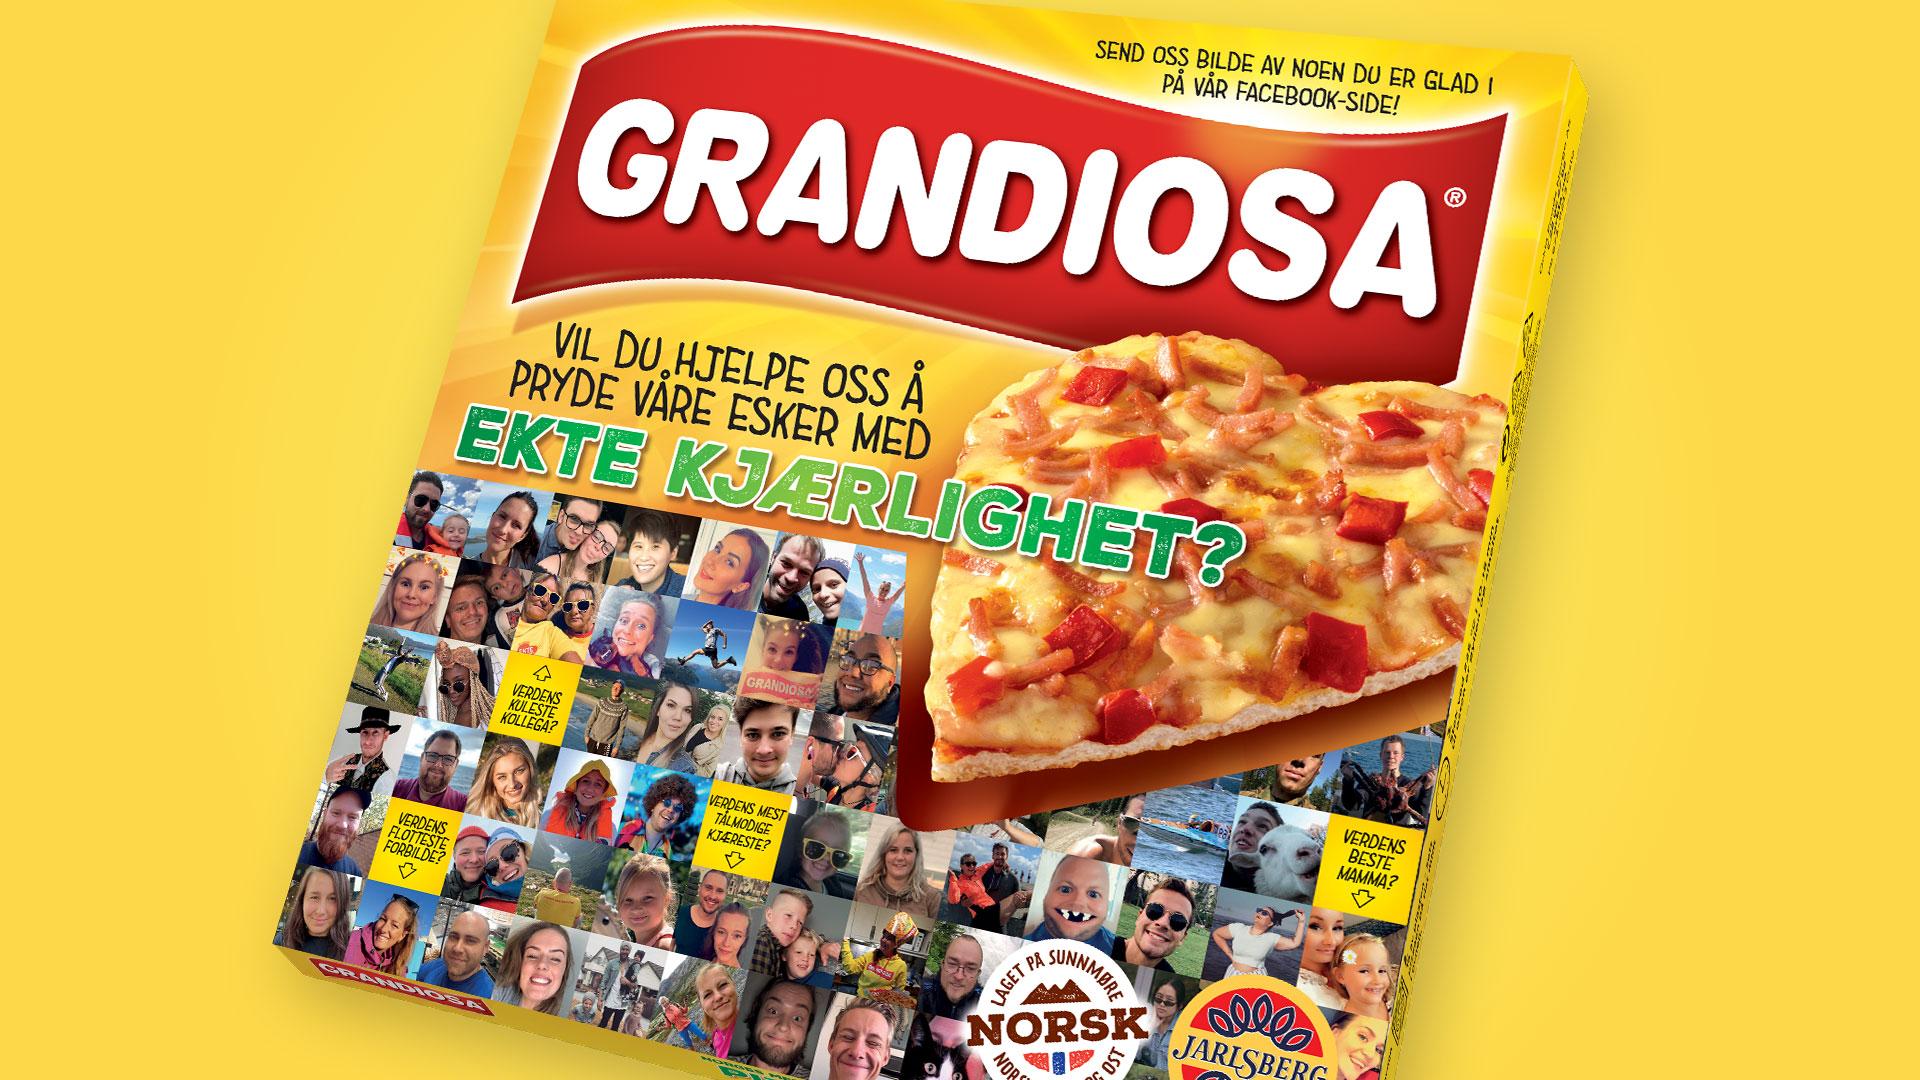 Grandiosa_Forbruker_førstepakke.jpg